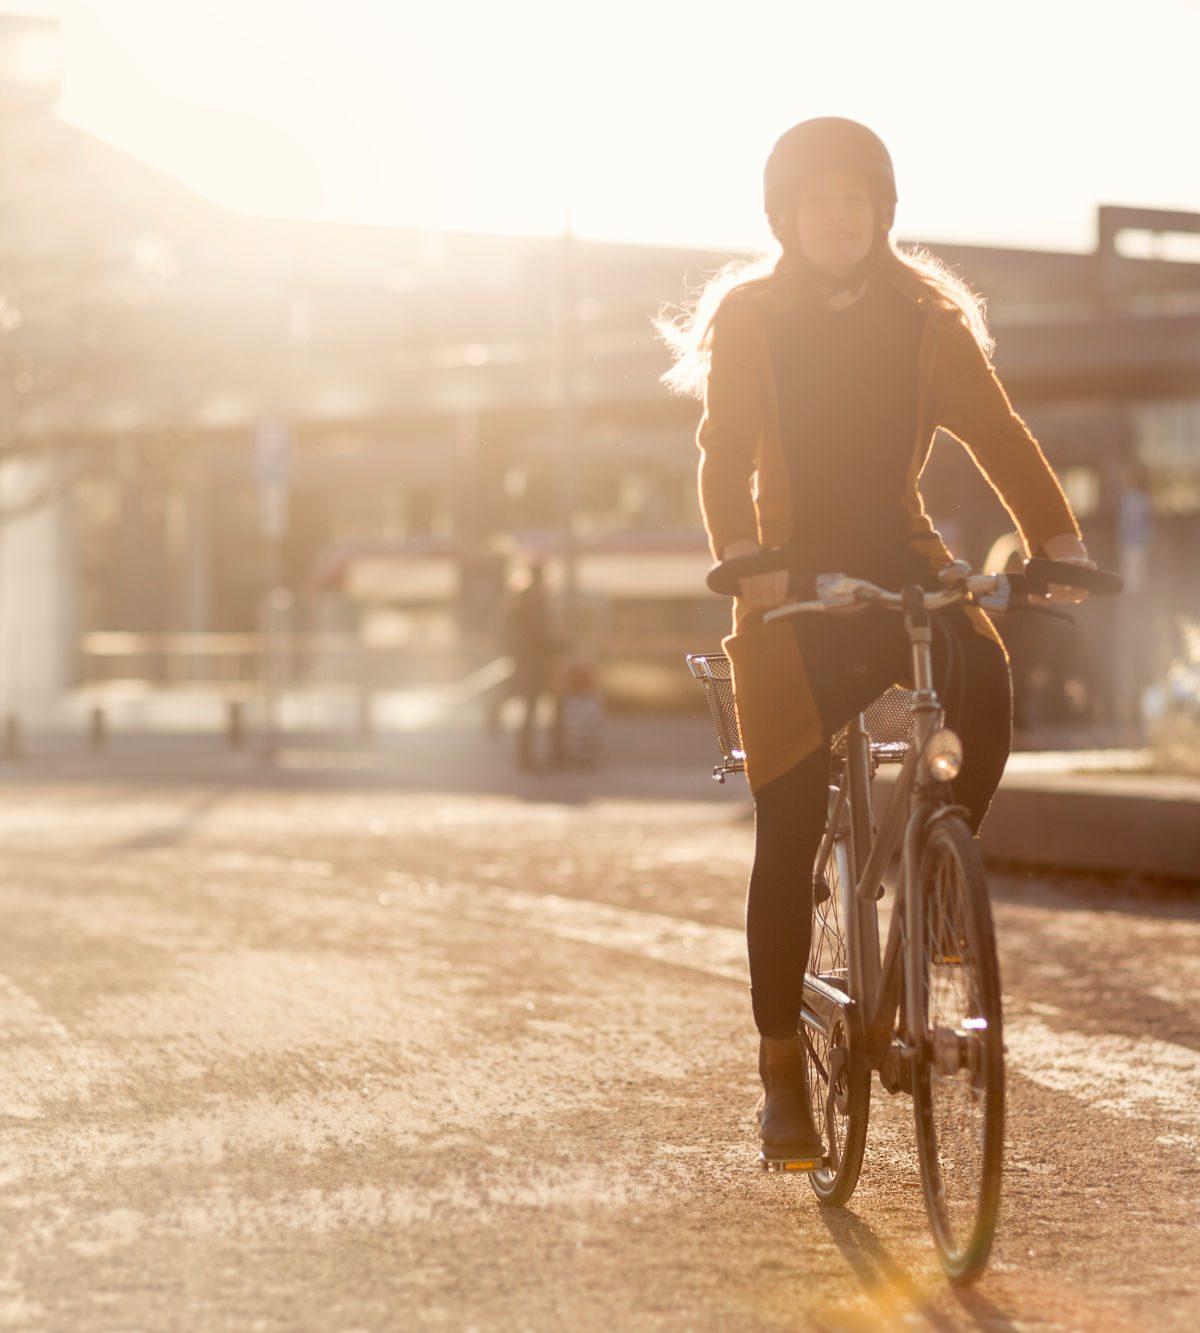 klimatsmart att cykla, bild från Uppsala resecentrum